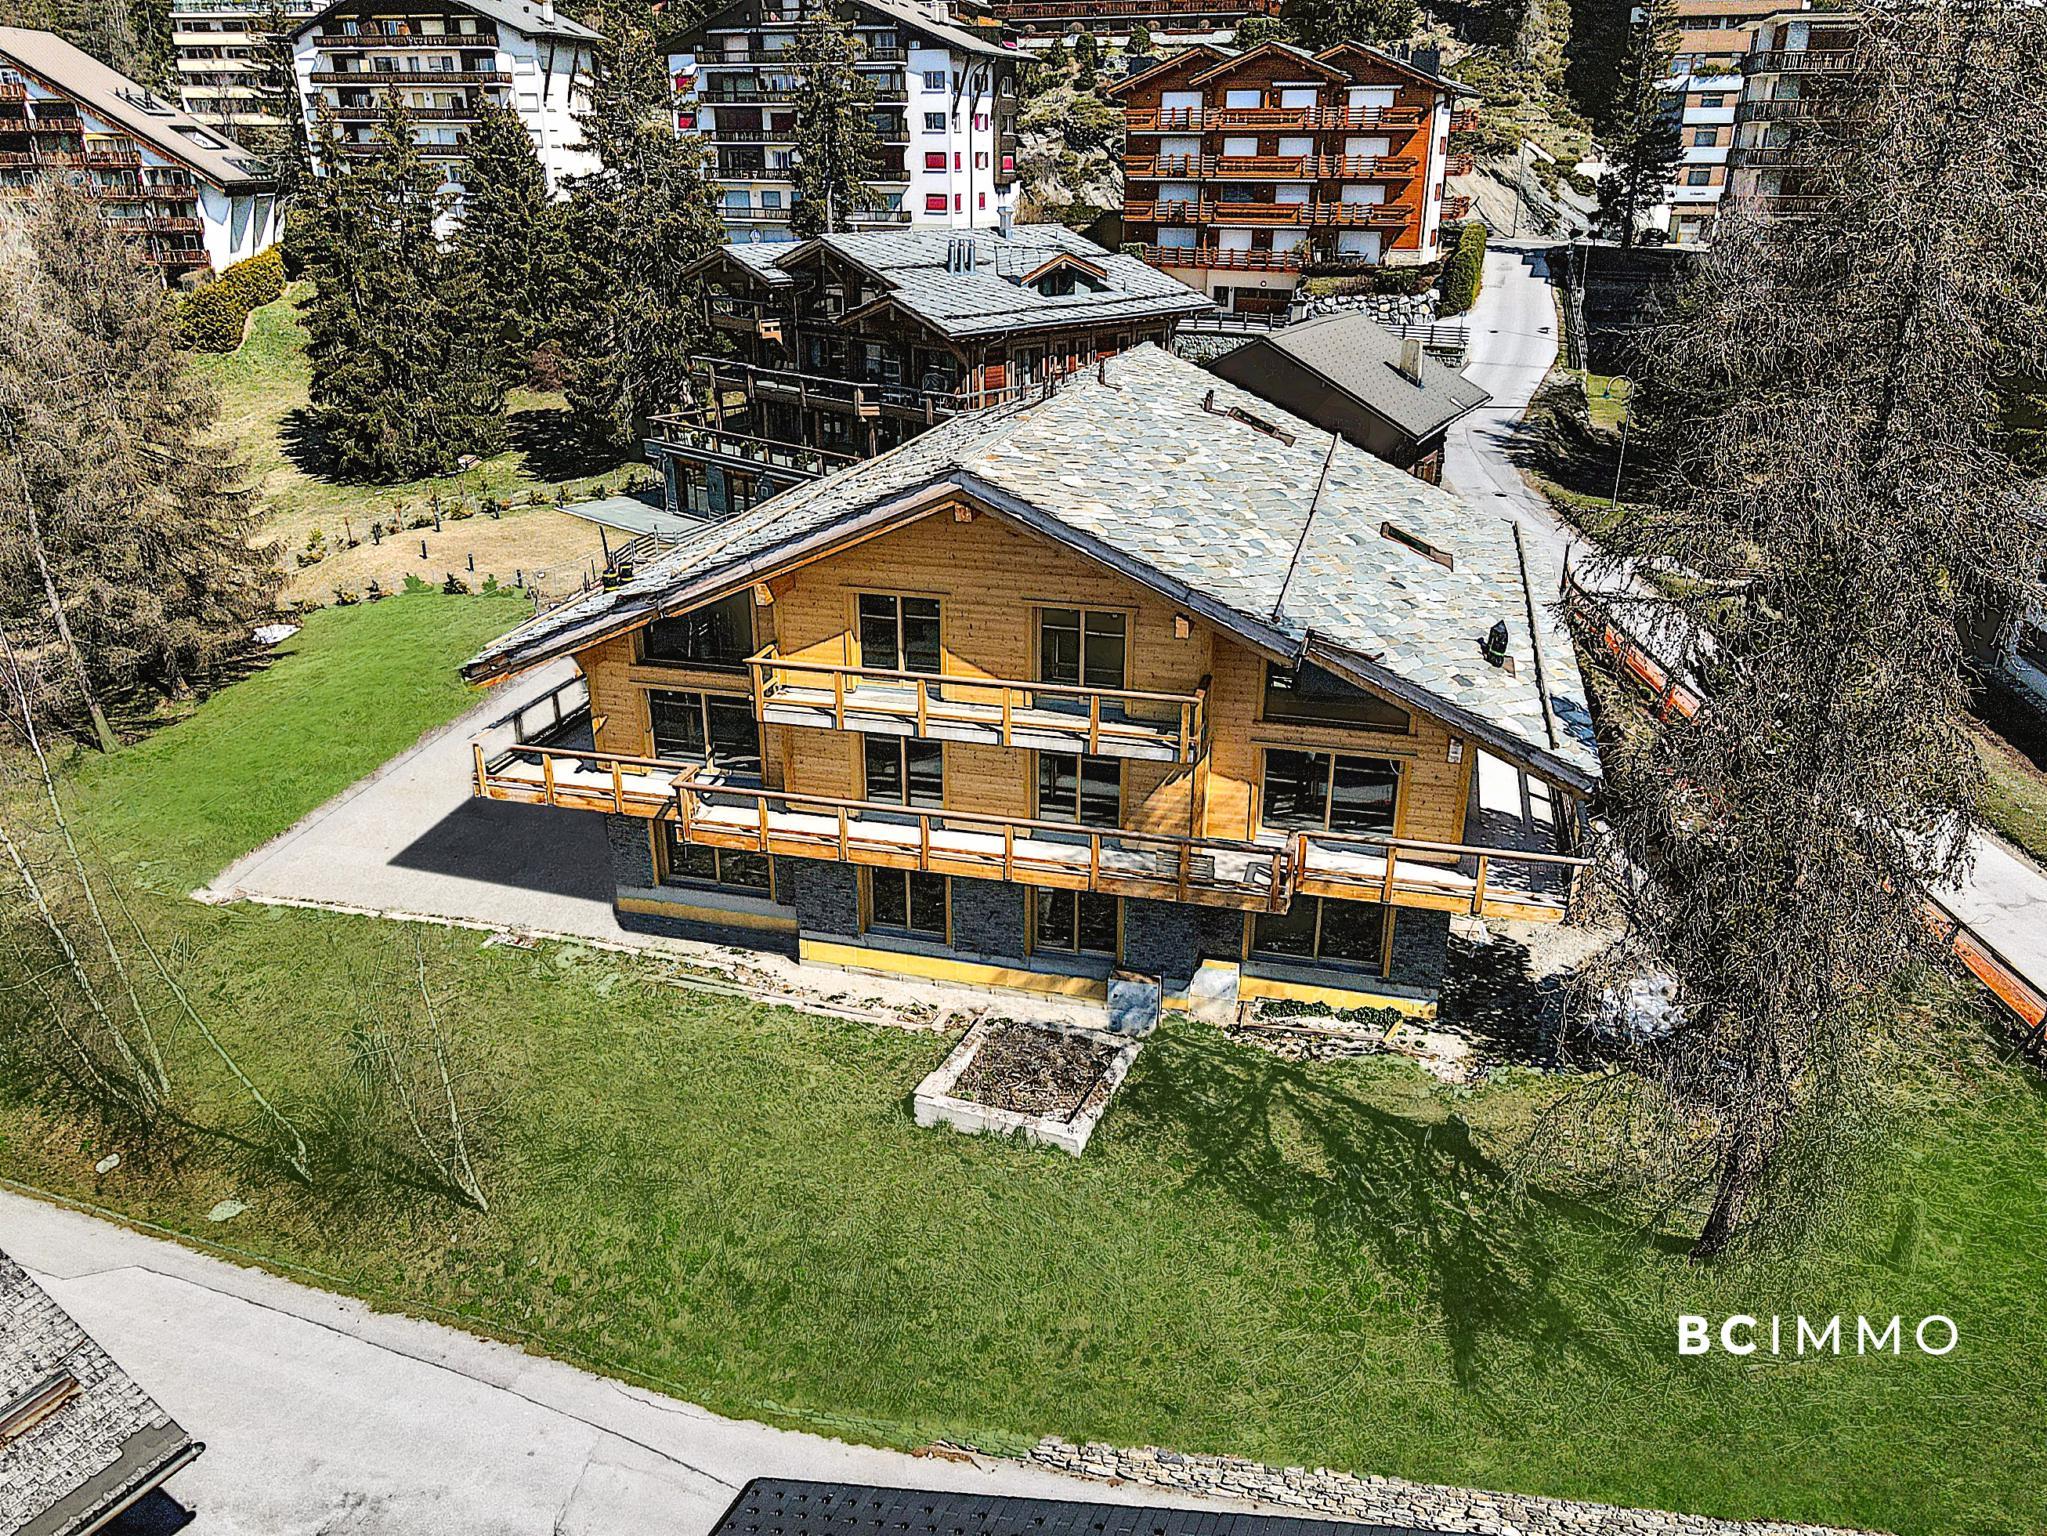 BC Immo - Luxueux appartement de 4.5 pièces à Crans-Montana - Les Mazots du Vallon - DCAMONT4